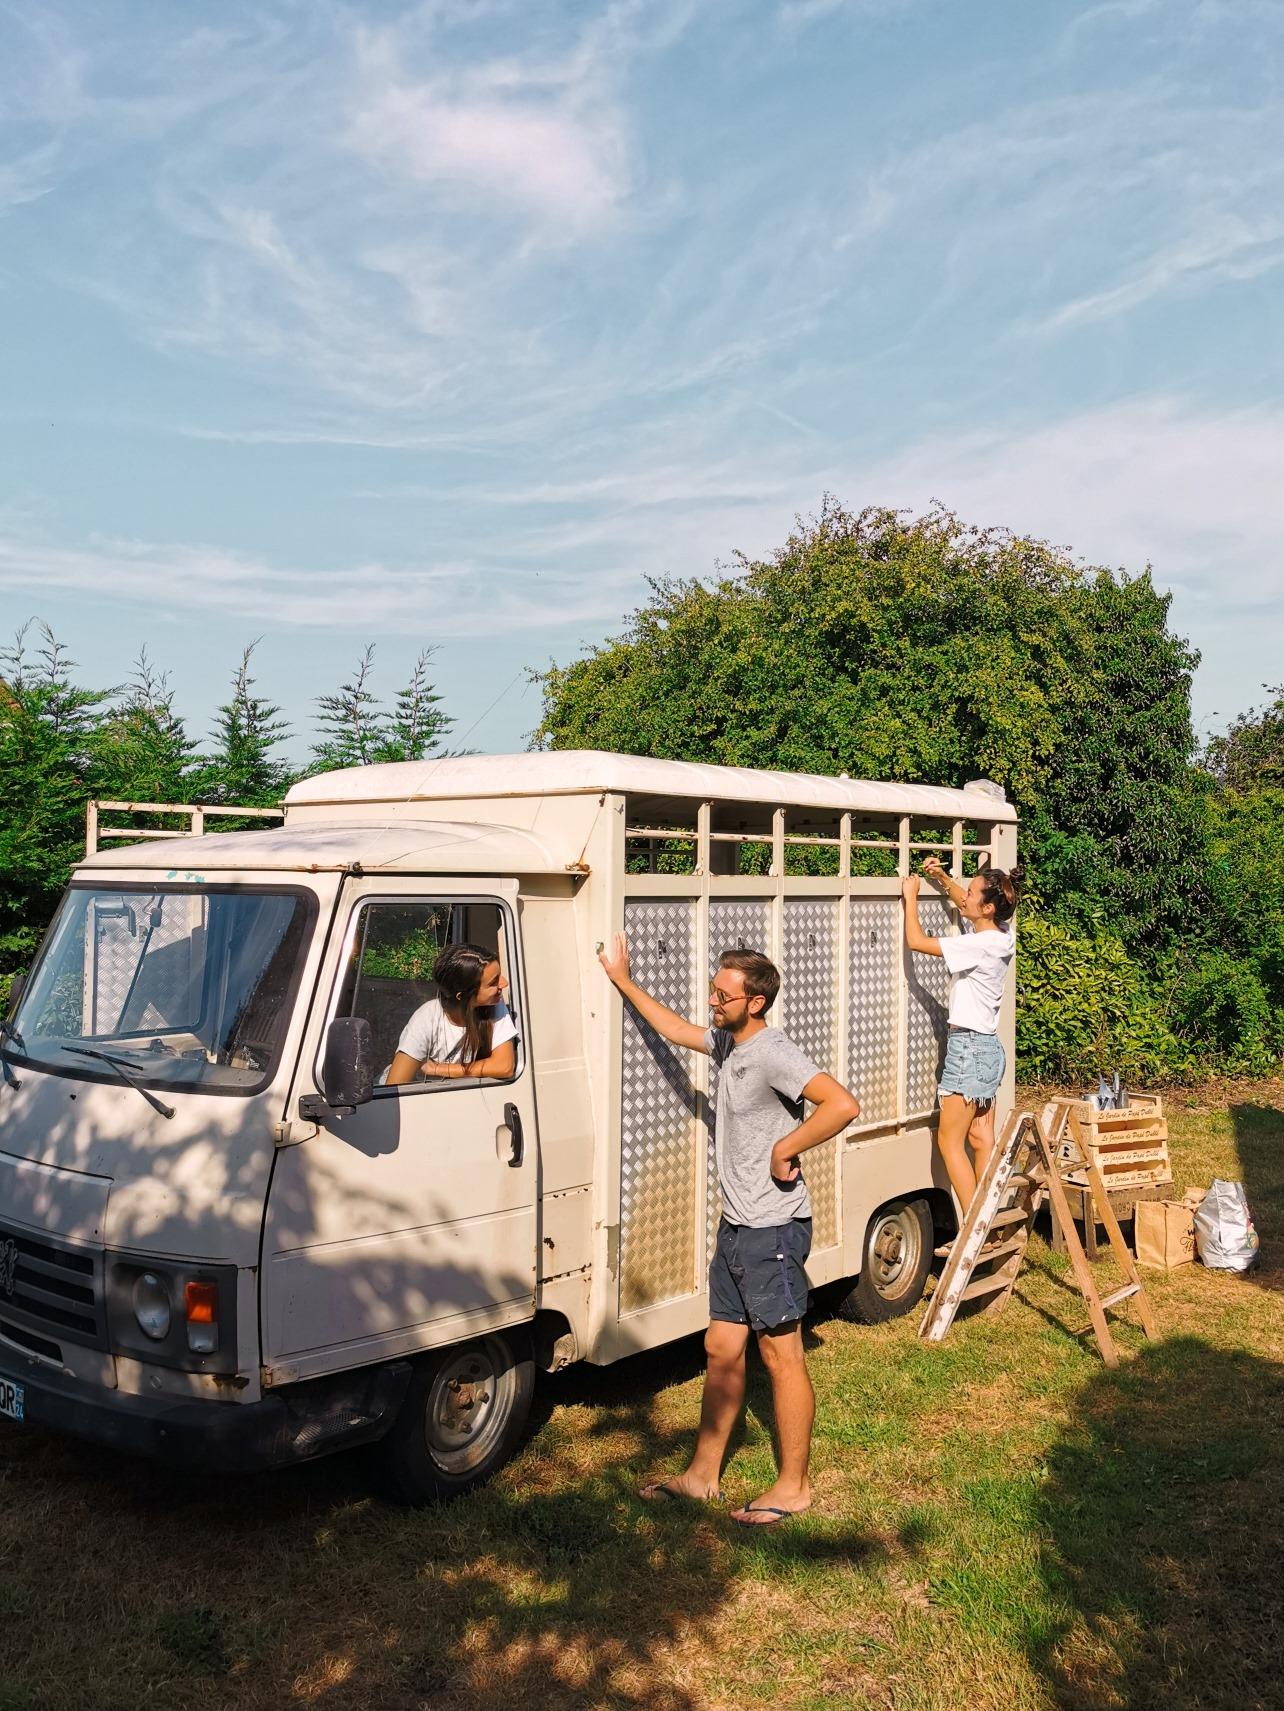 Laura, Mai-ly et Quentin, fondateurs de Plant and Stories et du Plant Truck, devant leur nouvelle Peugeot J9 bétaillère à aménager en boutique de plantes ambulante